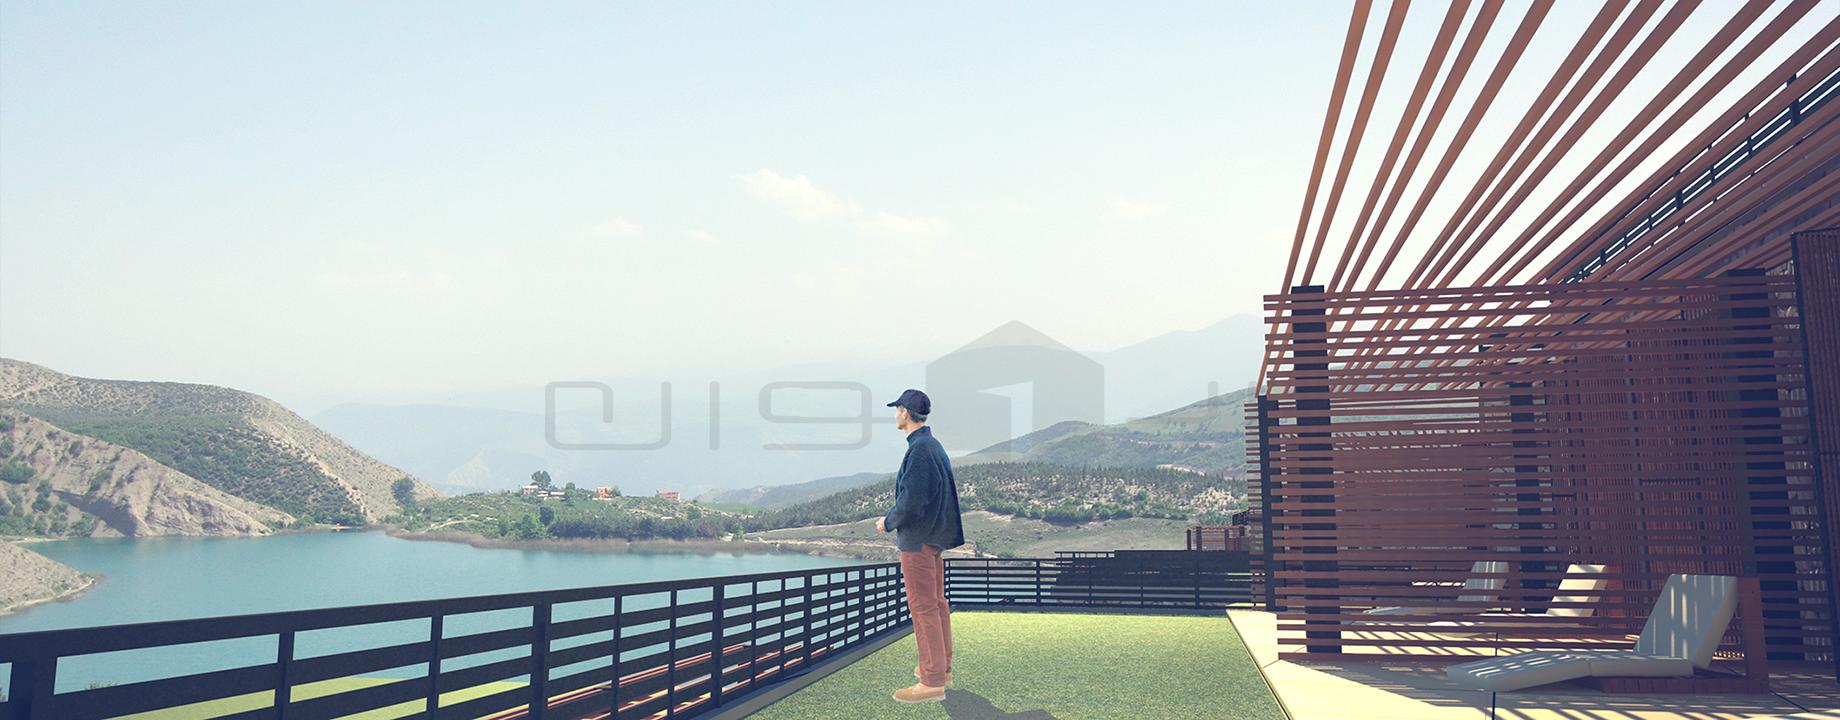 ۹۰۱ طراحی مجموعه تفریحی-توریستی دریاچه ولشت طراحی مجموعه تفریحی-توریستی دریاچه ولشت 9011  t